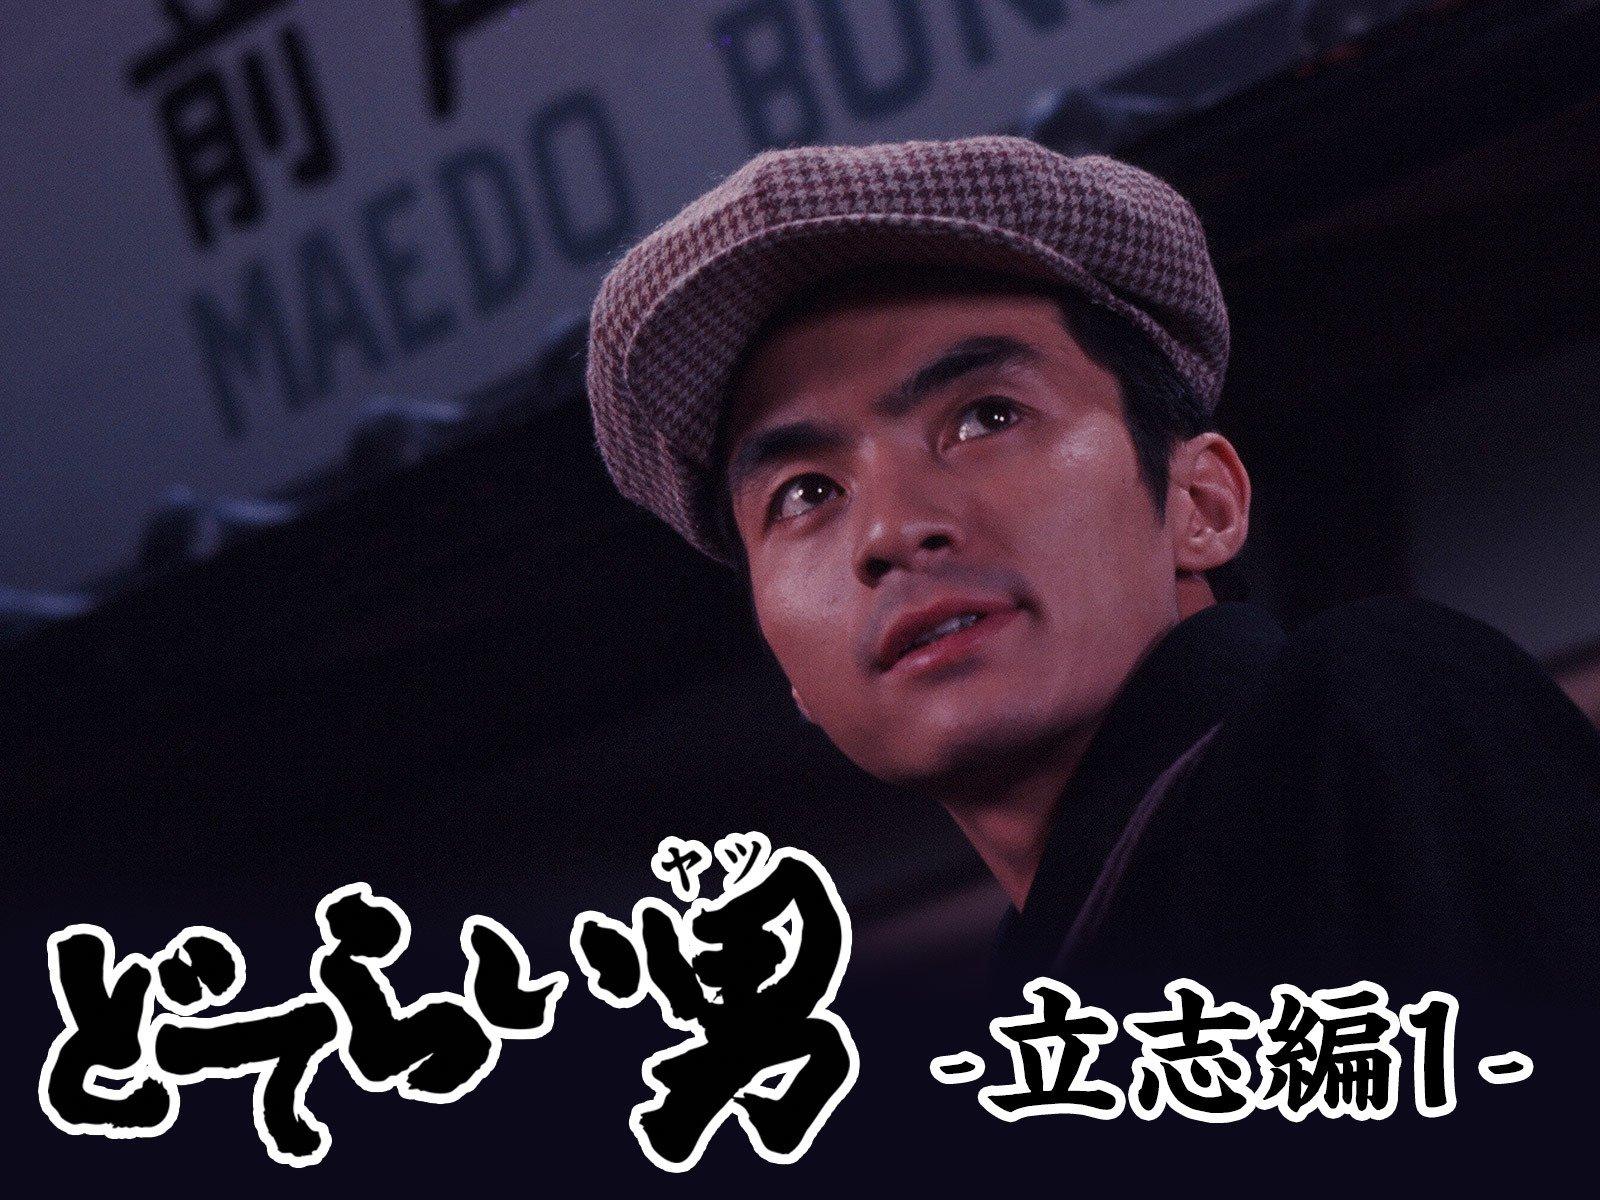 Amazon.co.jp: どてらい男 立志編1を観る   Prime Video